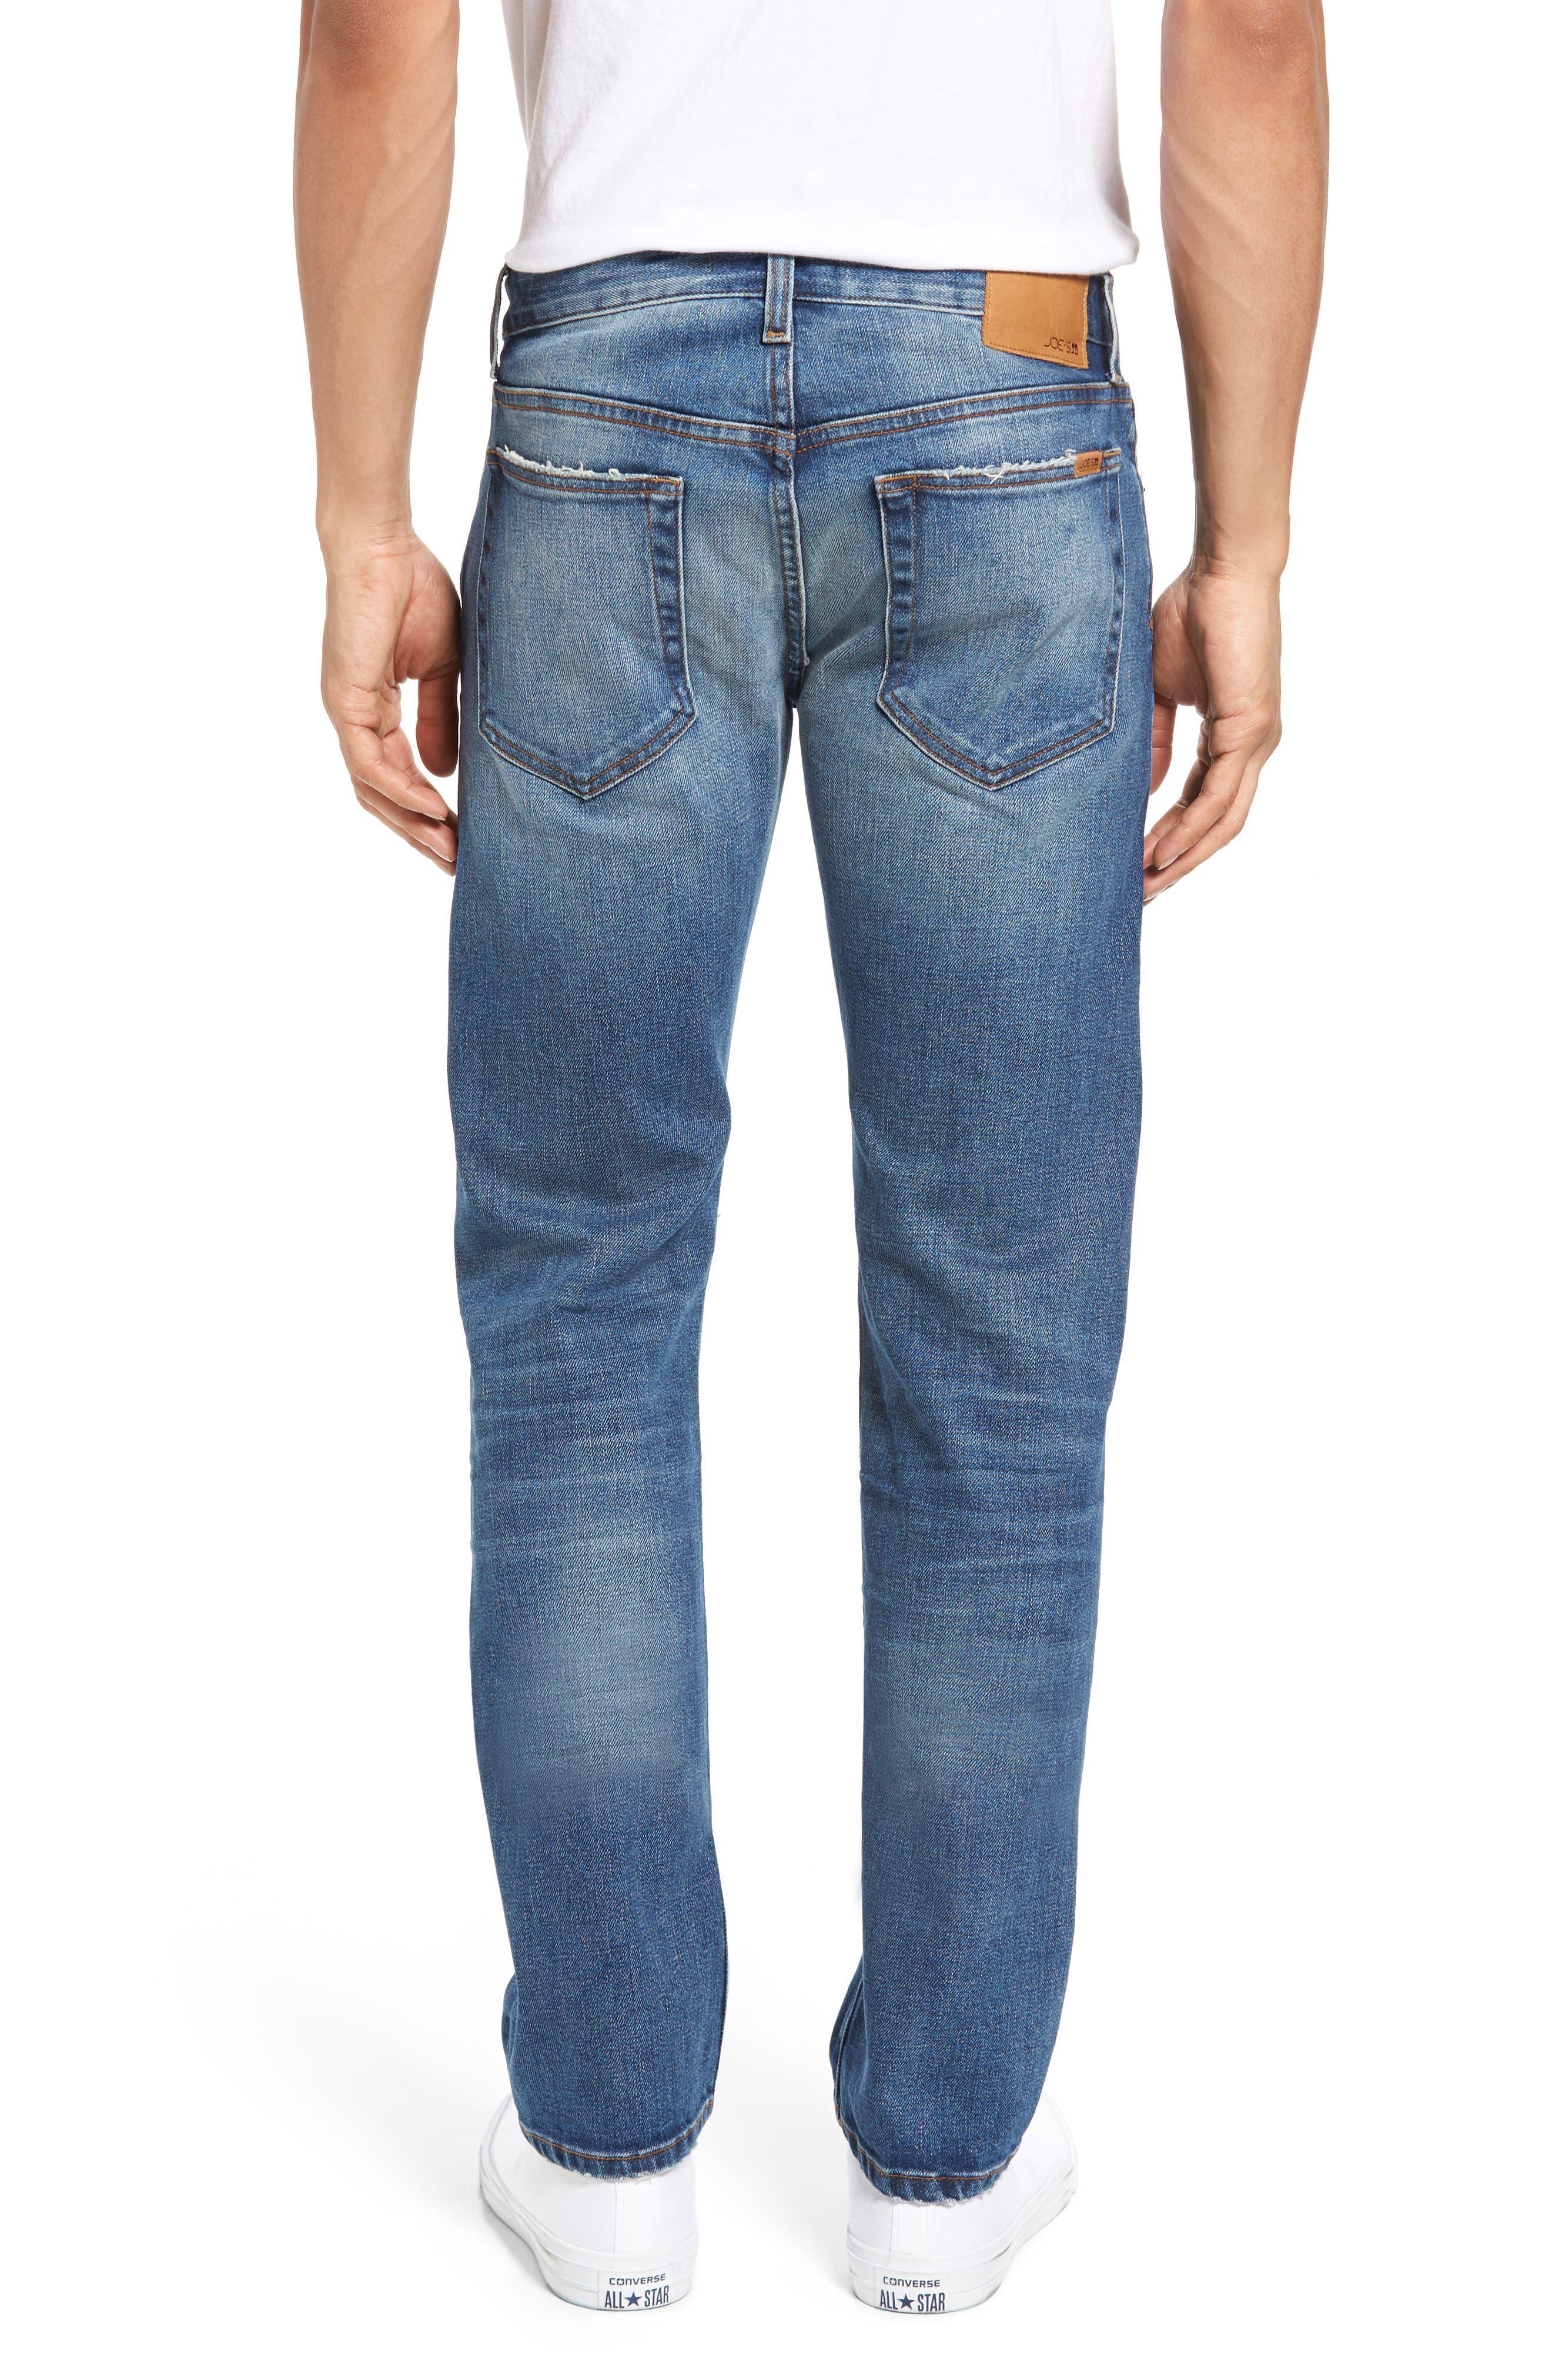 Brixton Slim Fit Jeans,                             Alternate thumbnail 2, color,                             410